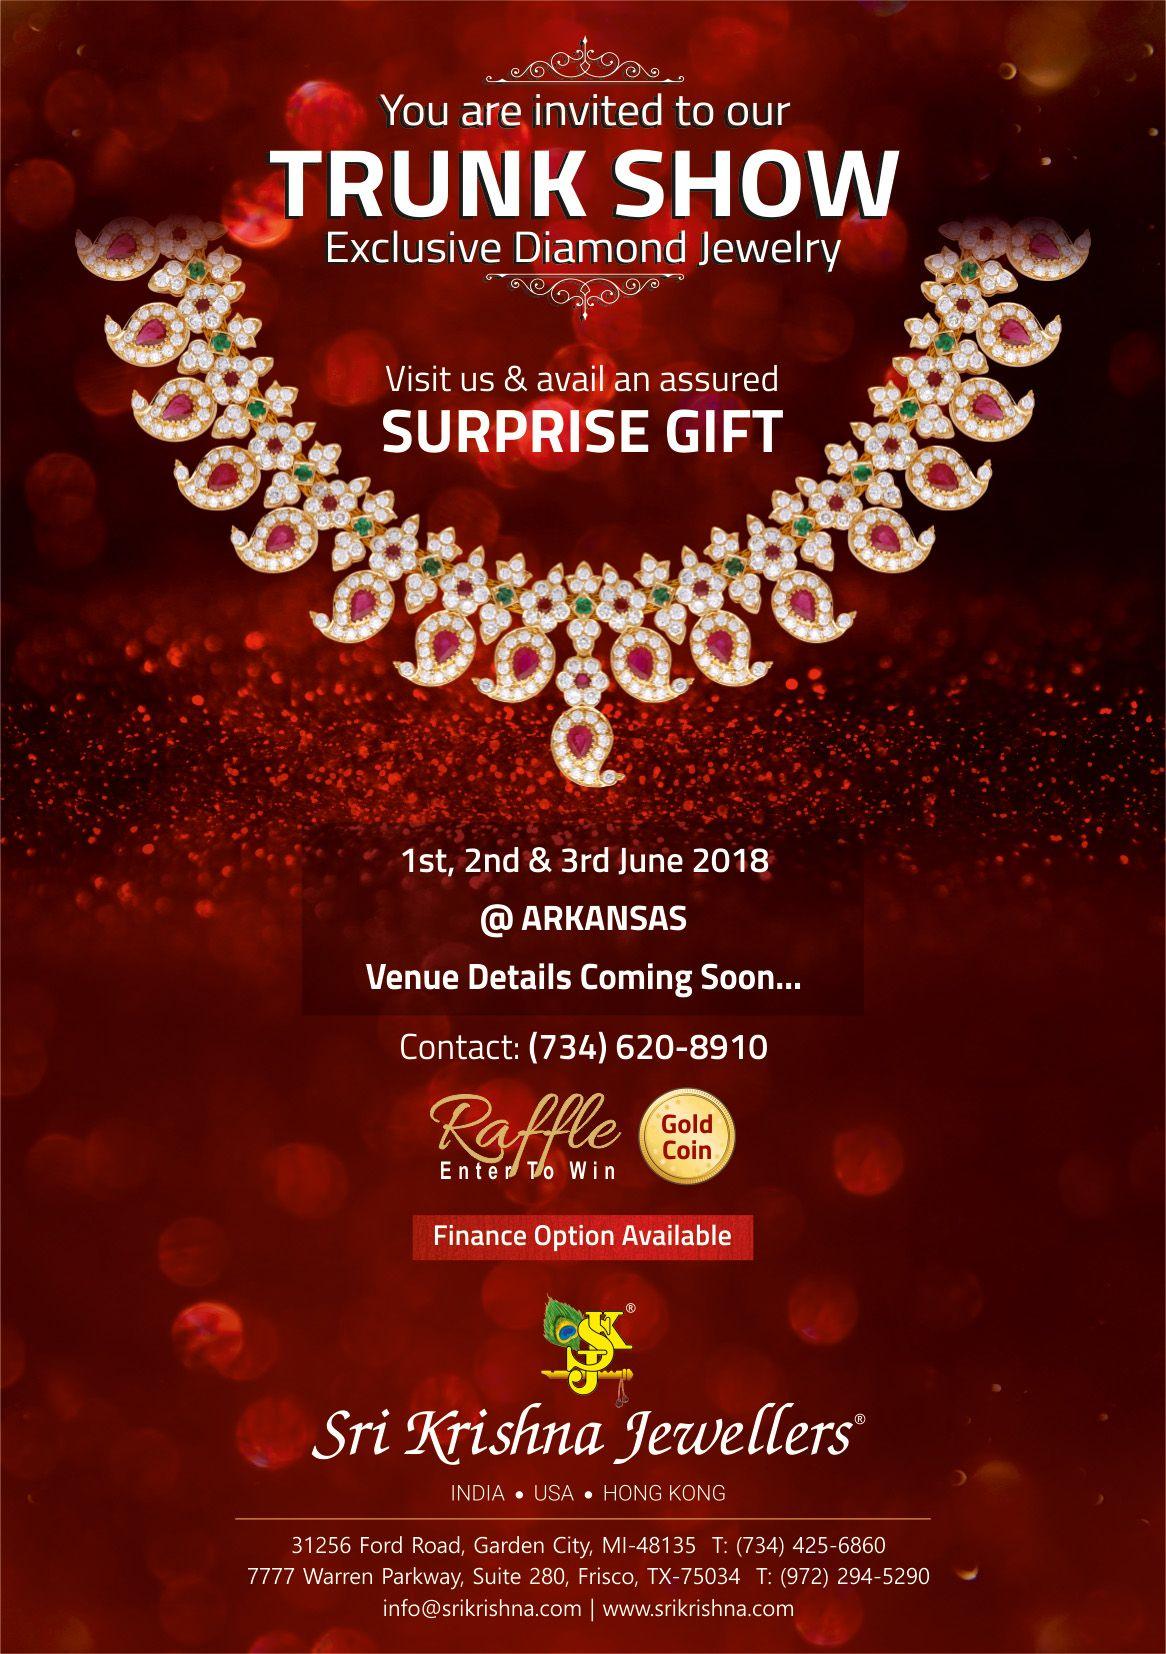 Sri Krishna Jewellers - Trunk Show in Arkansas: Exclusive Diamond Jewelry